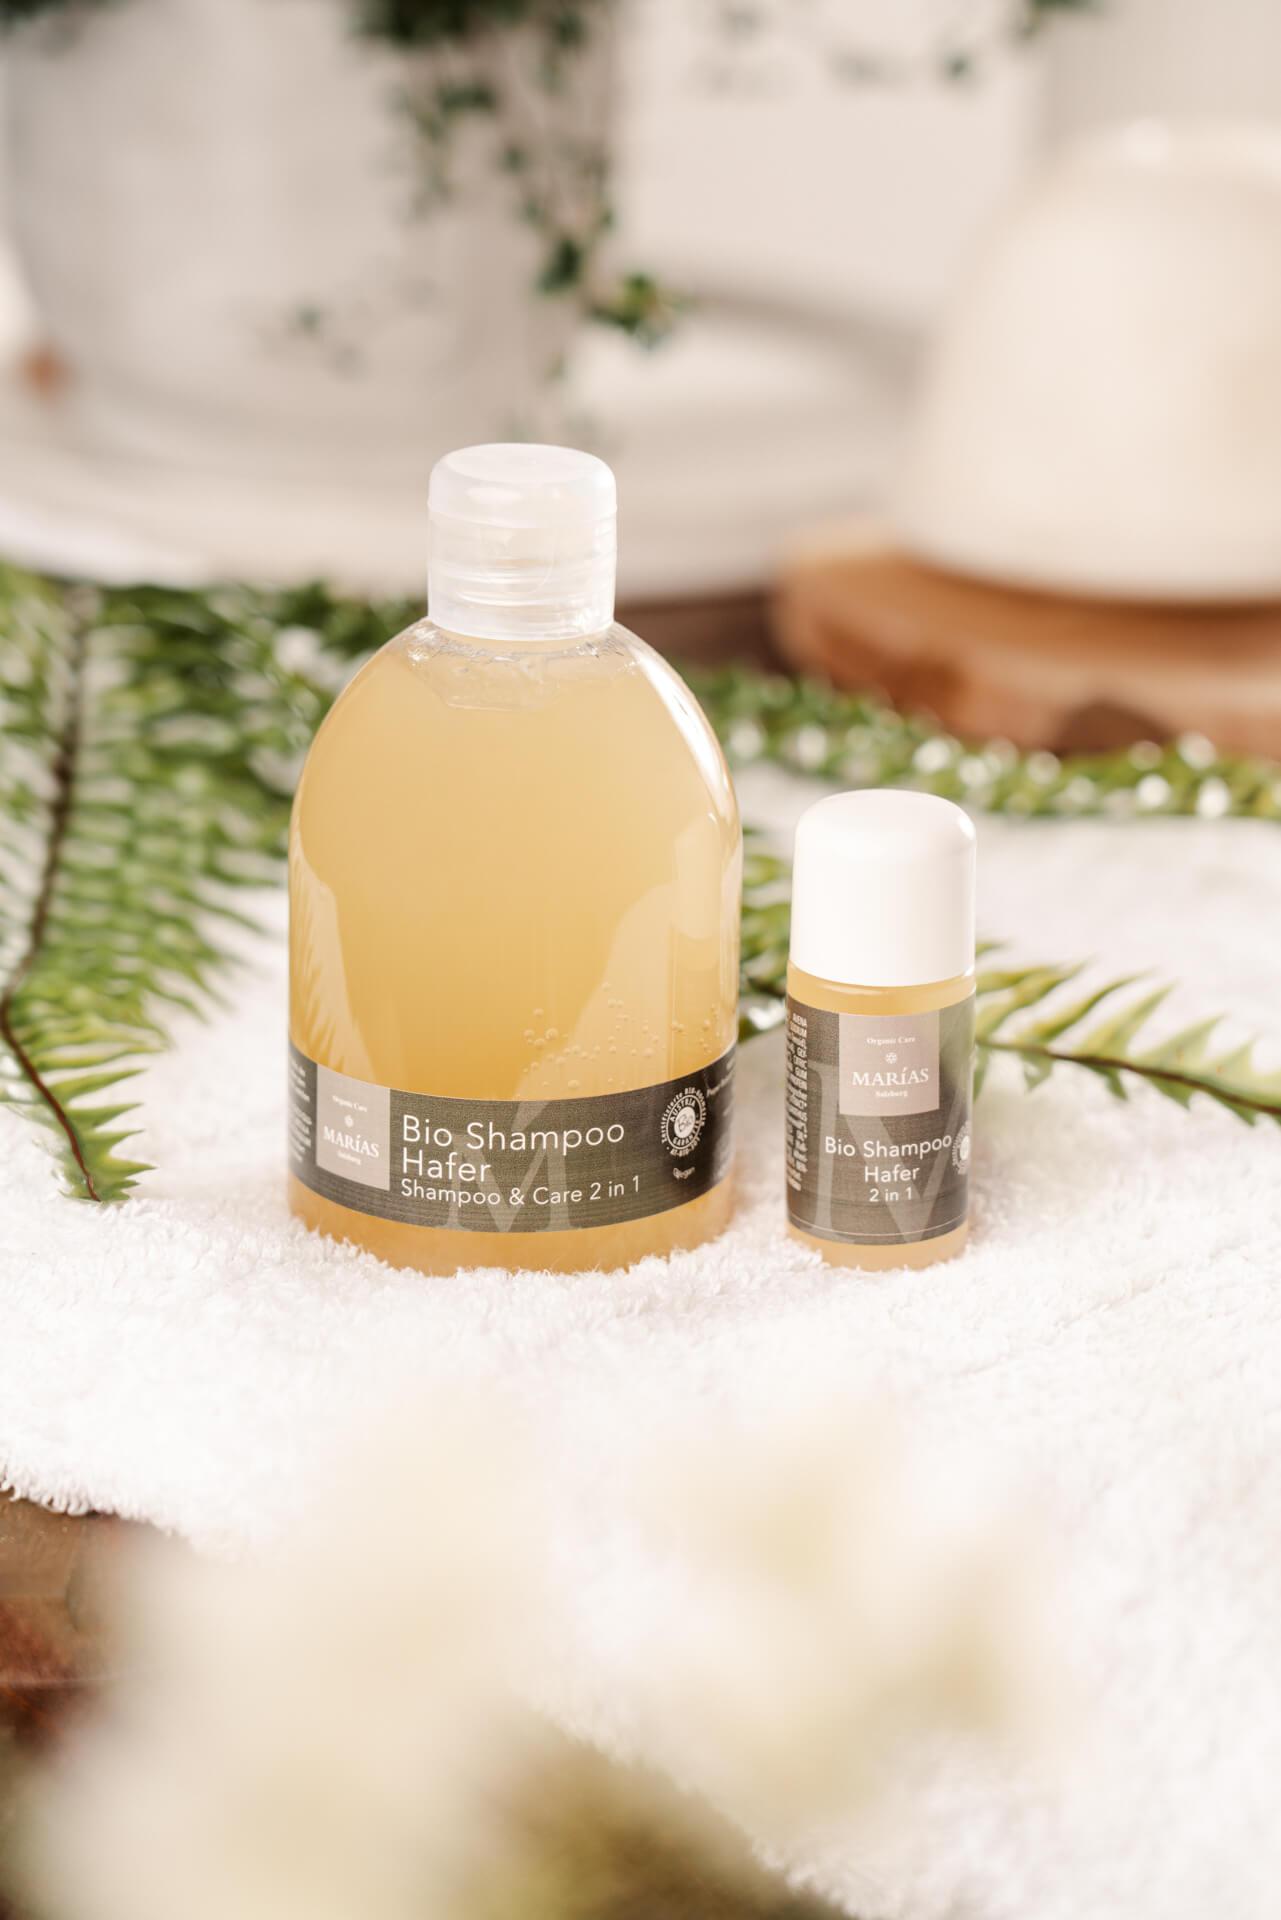 Marias-Bio Hafer Shampoo | Konzept H